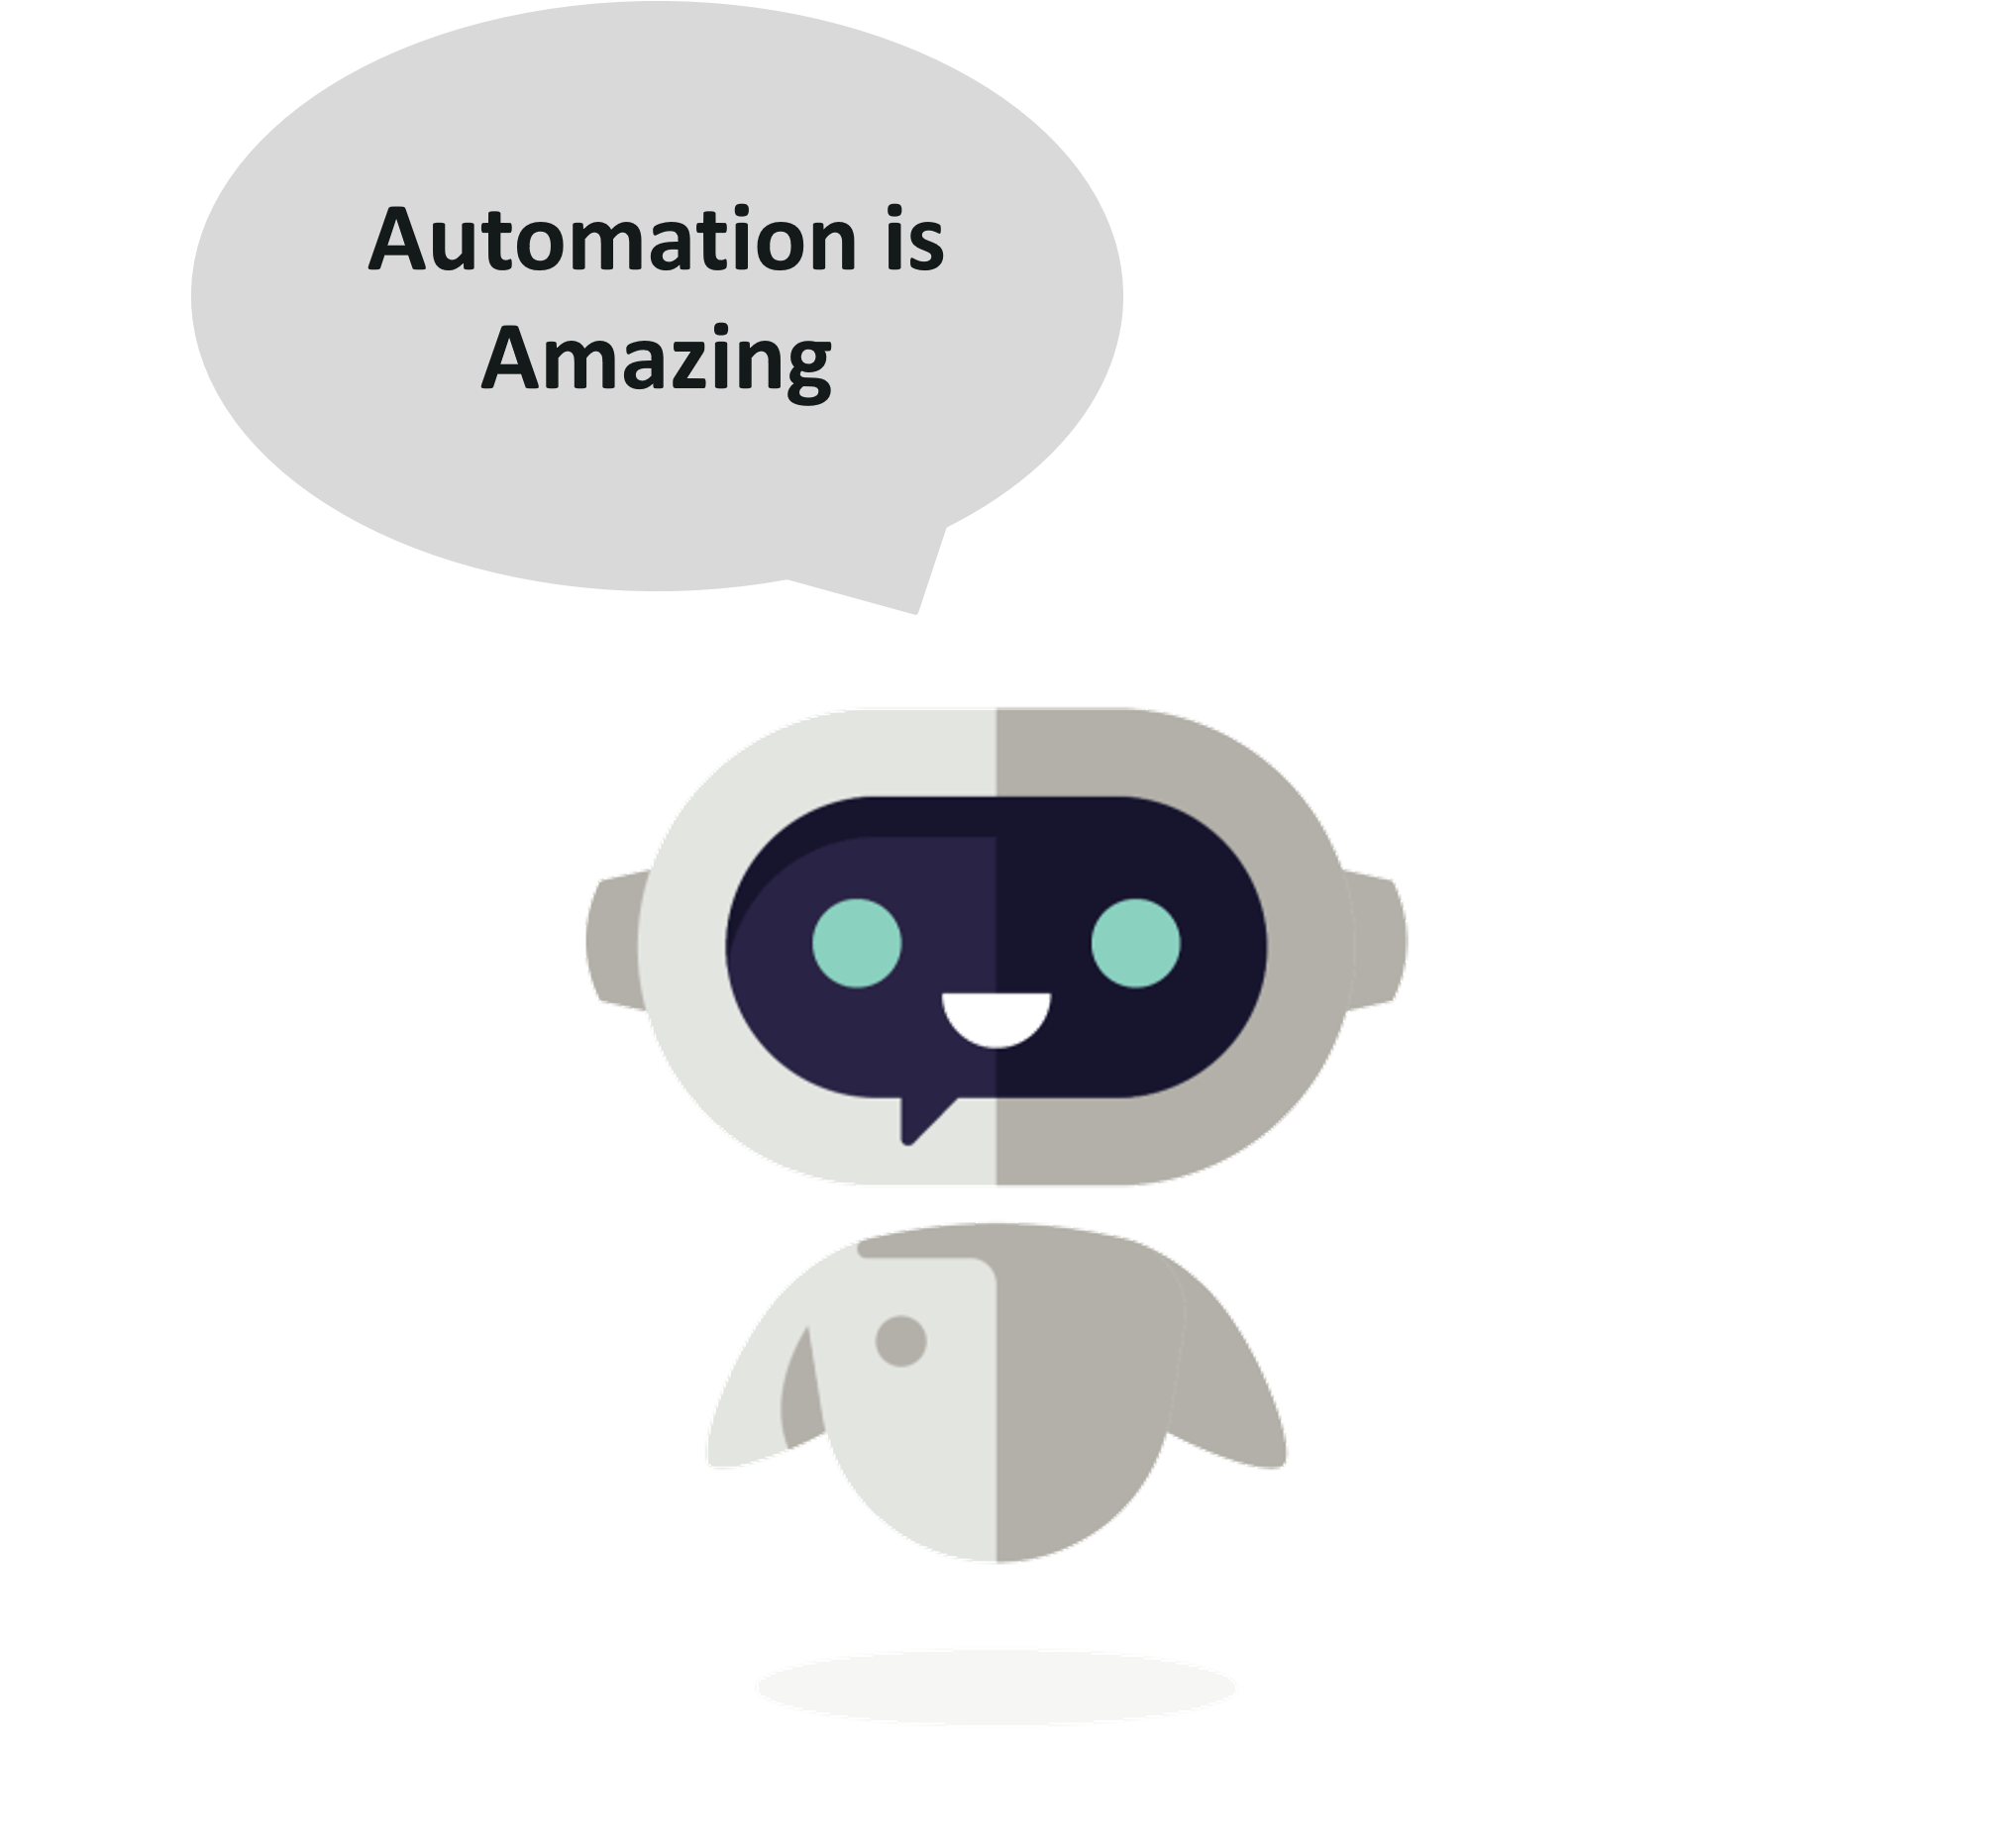 Automation - Mobile App Testing - Edureka